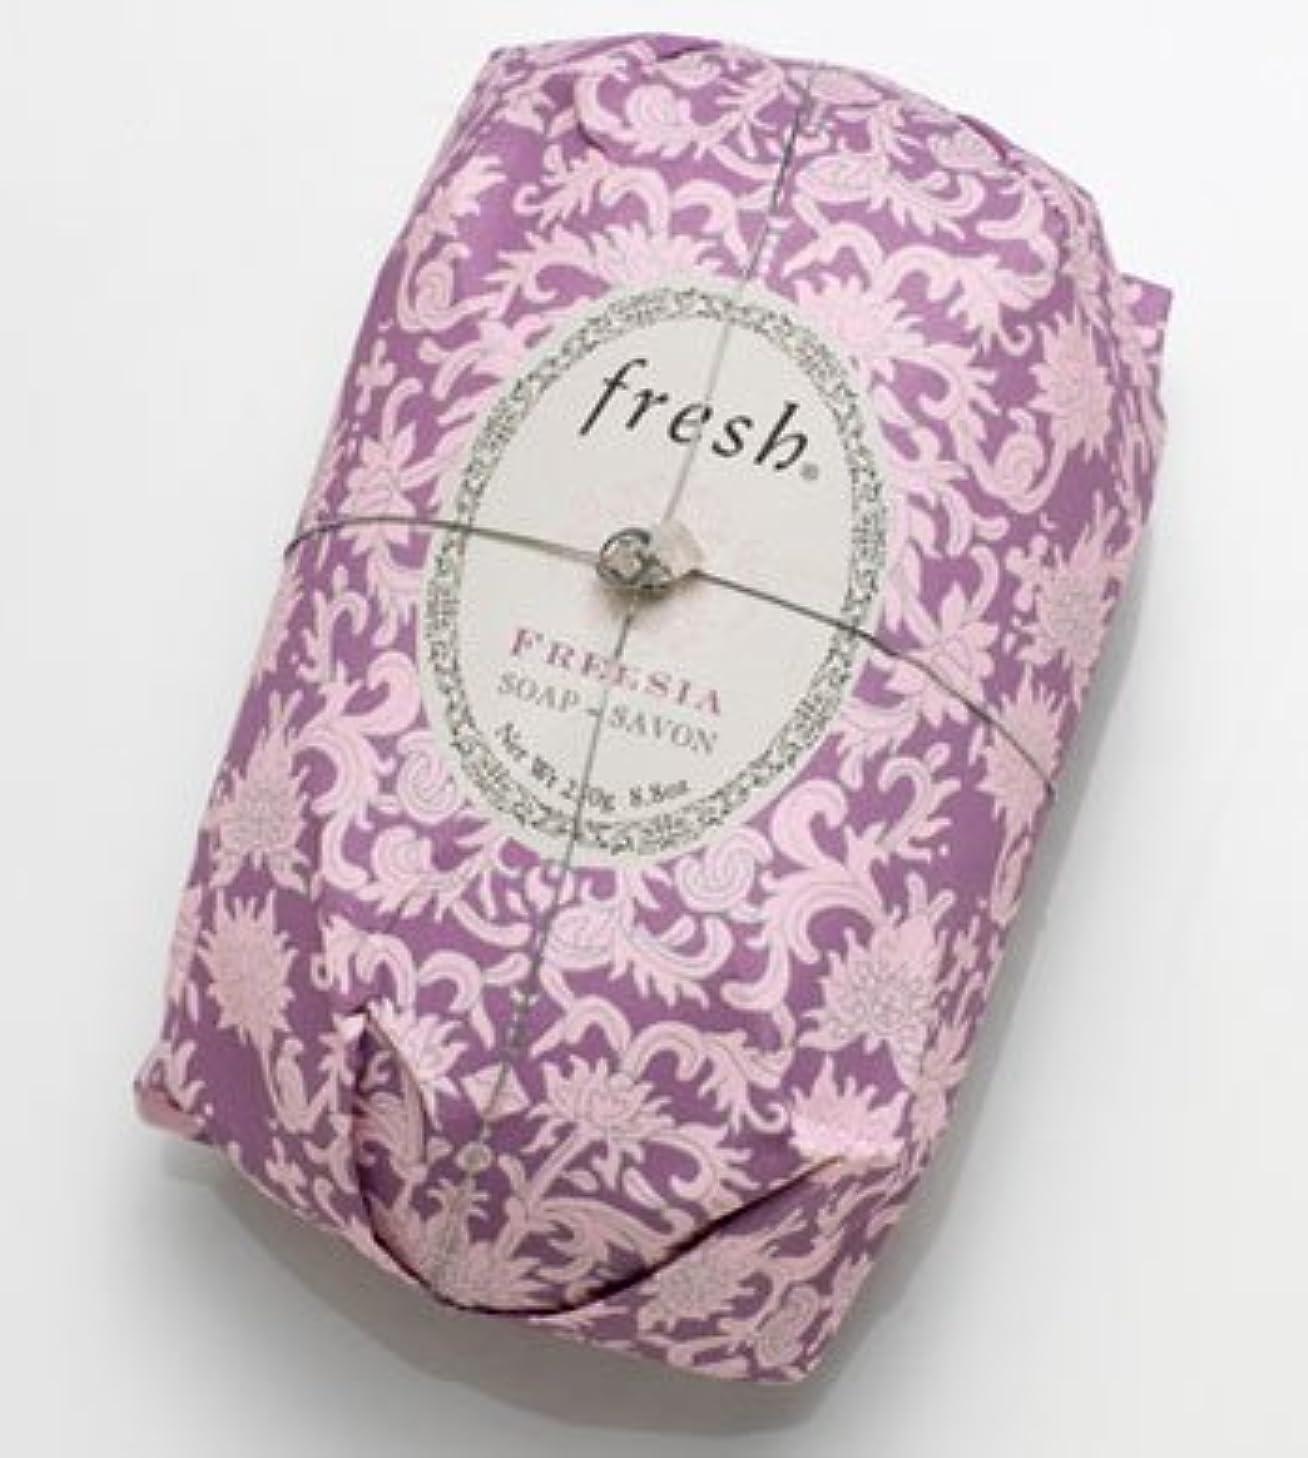 編集する対抗引退するFresh FREESIA  SOAP (フレッシュ フリージア ソープ) 8.8 oz (250g) Soap (石鹸) by Fresh